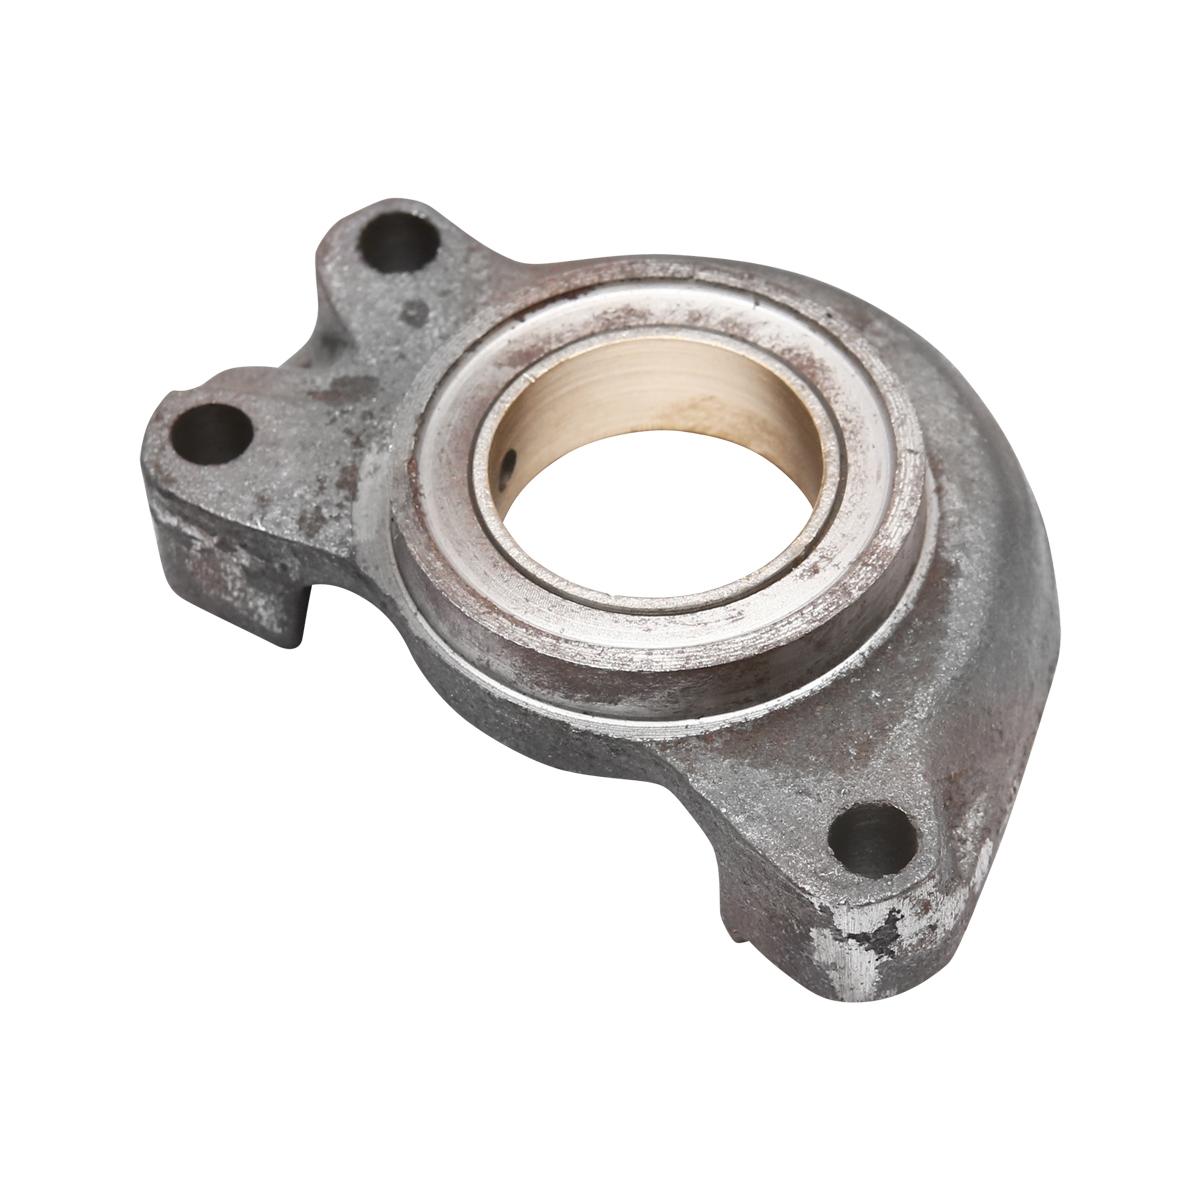 Suport intermediar pinion pompa hidraulica H13 U-445